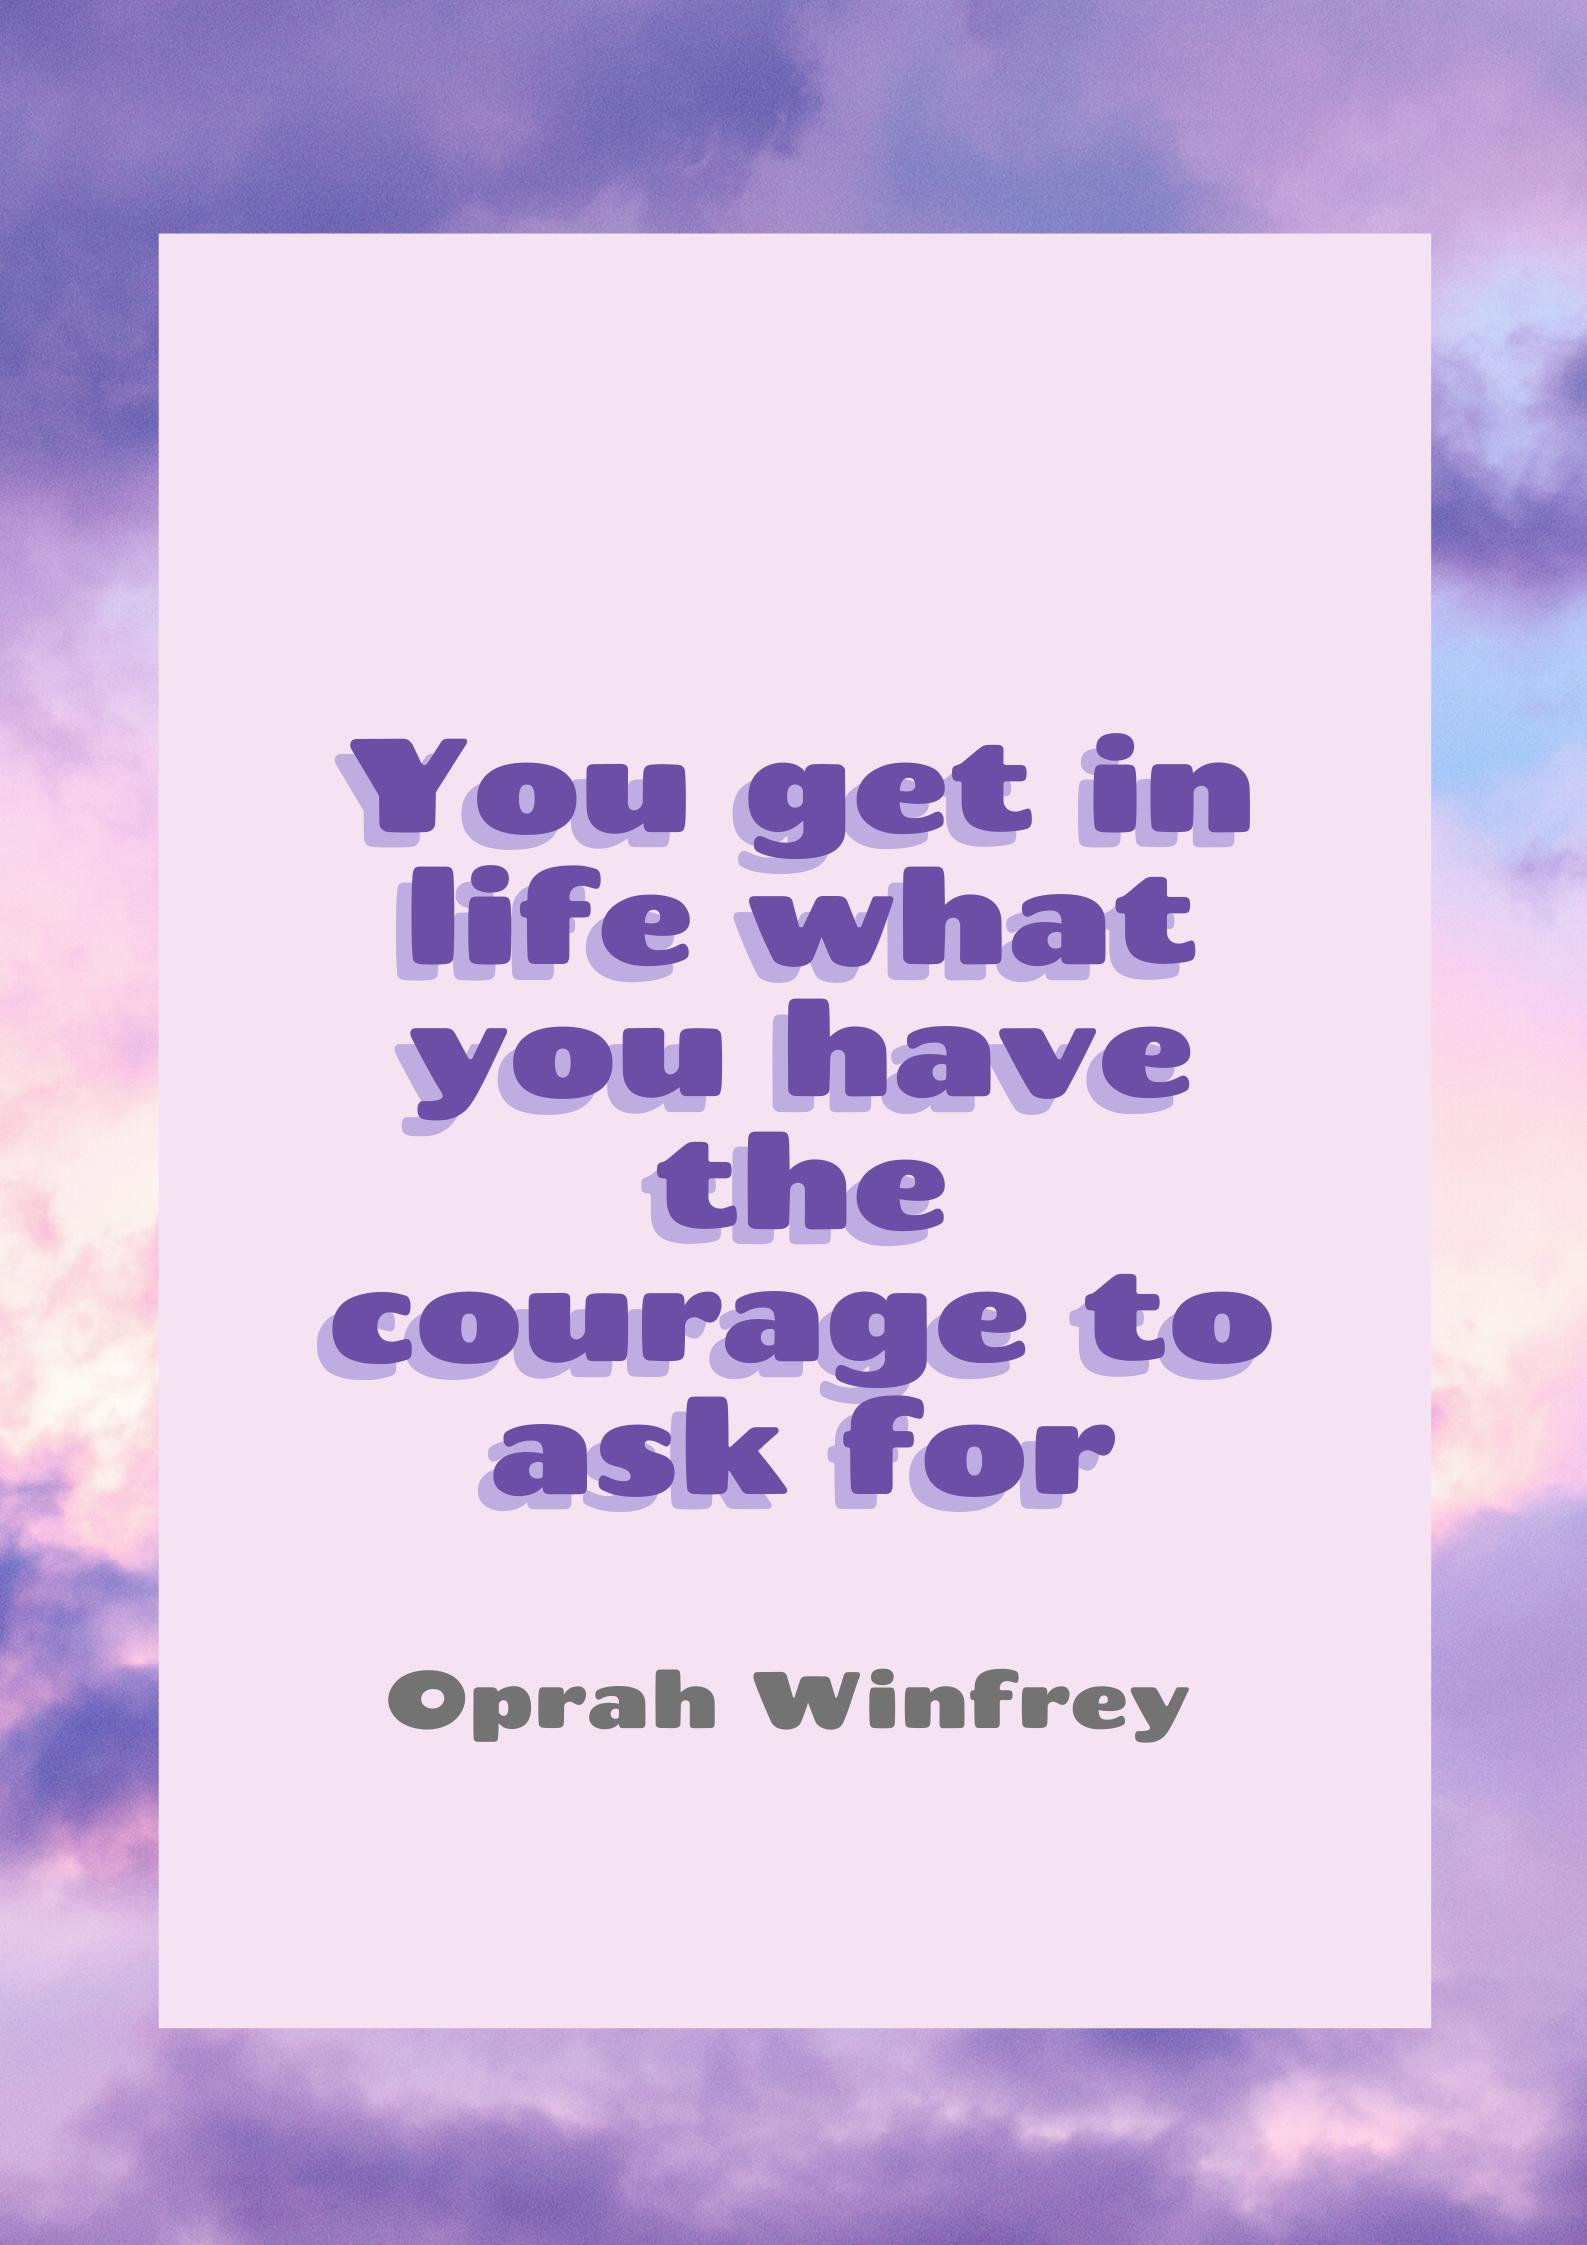 motivational quotes inspirational women oprah winfrey